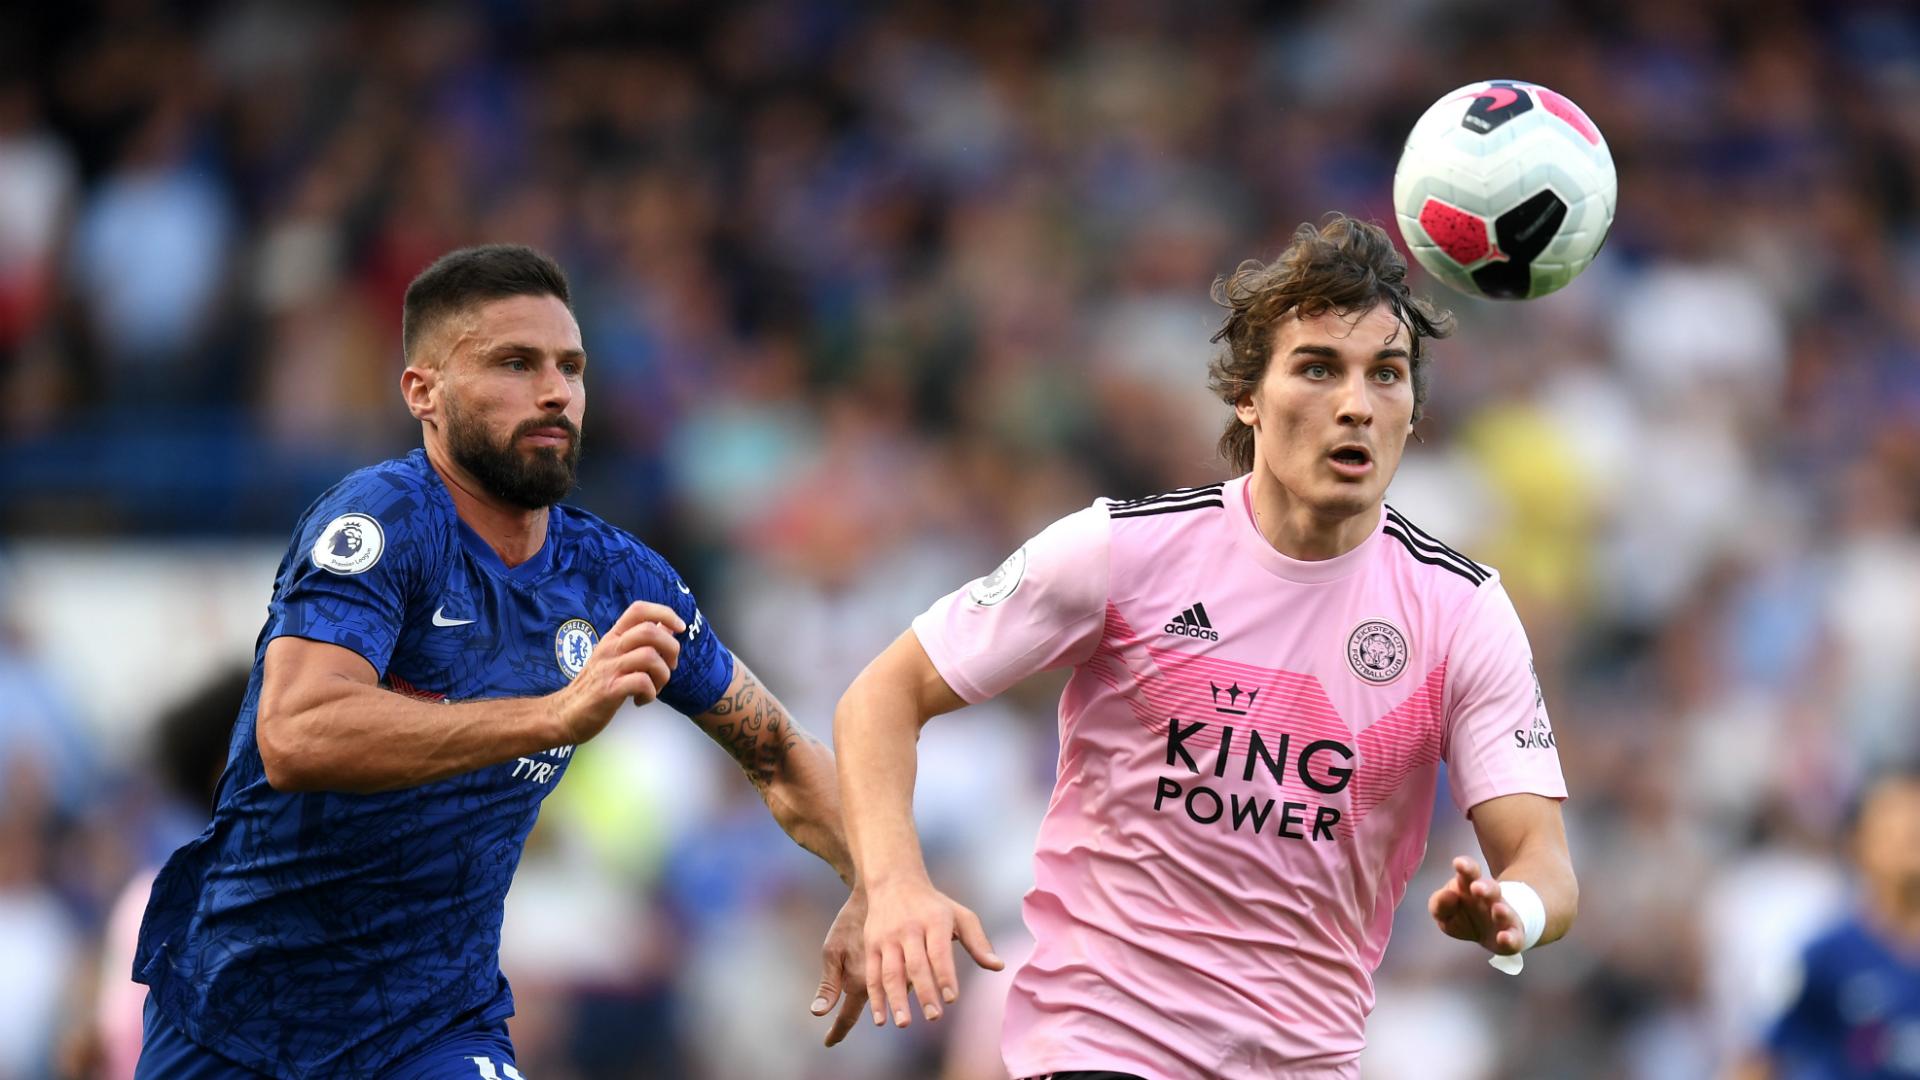 Chelsea - Leicester 1-1, Leicester prive Lampard d'un premier succès avec les Blues